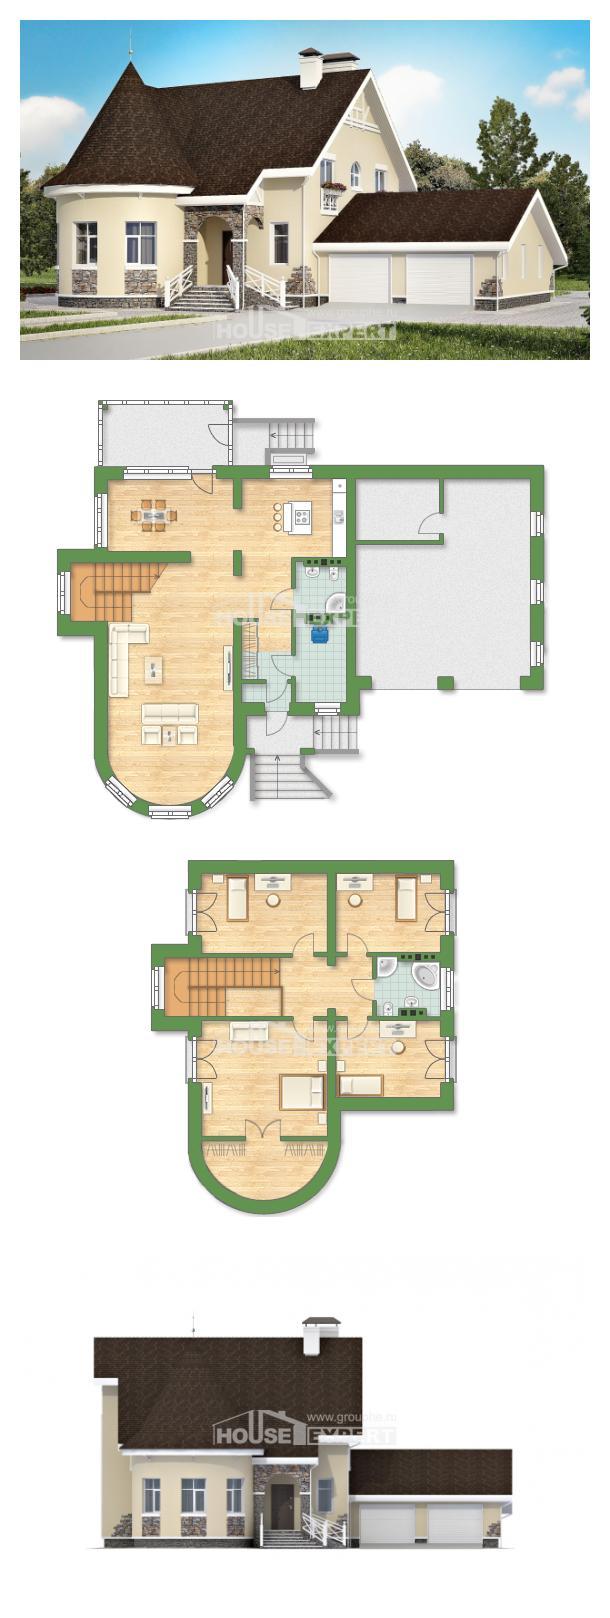 Plan 275-001-L | House Expert